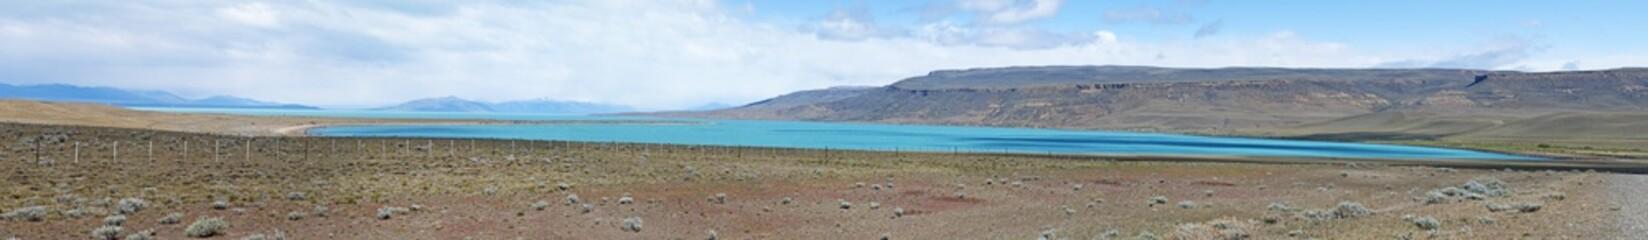 Patagonia, 23/11/2010: l'acqua azzurra del Lago Argentino, il più grande lago d'acqua dolce in Argentina, nel Parco Nazionale Los Glaciares, alimentato dal disgelo dei ghiacciai